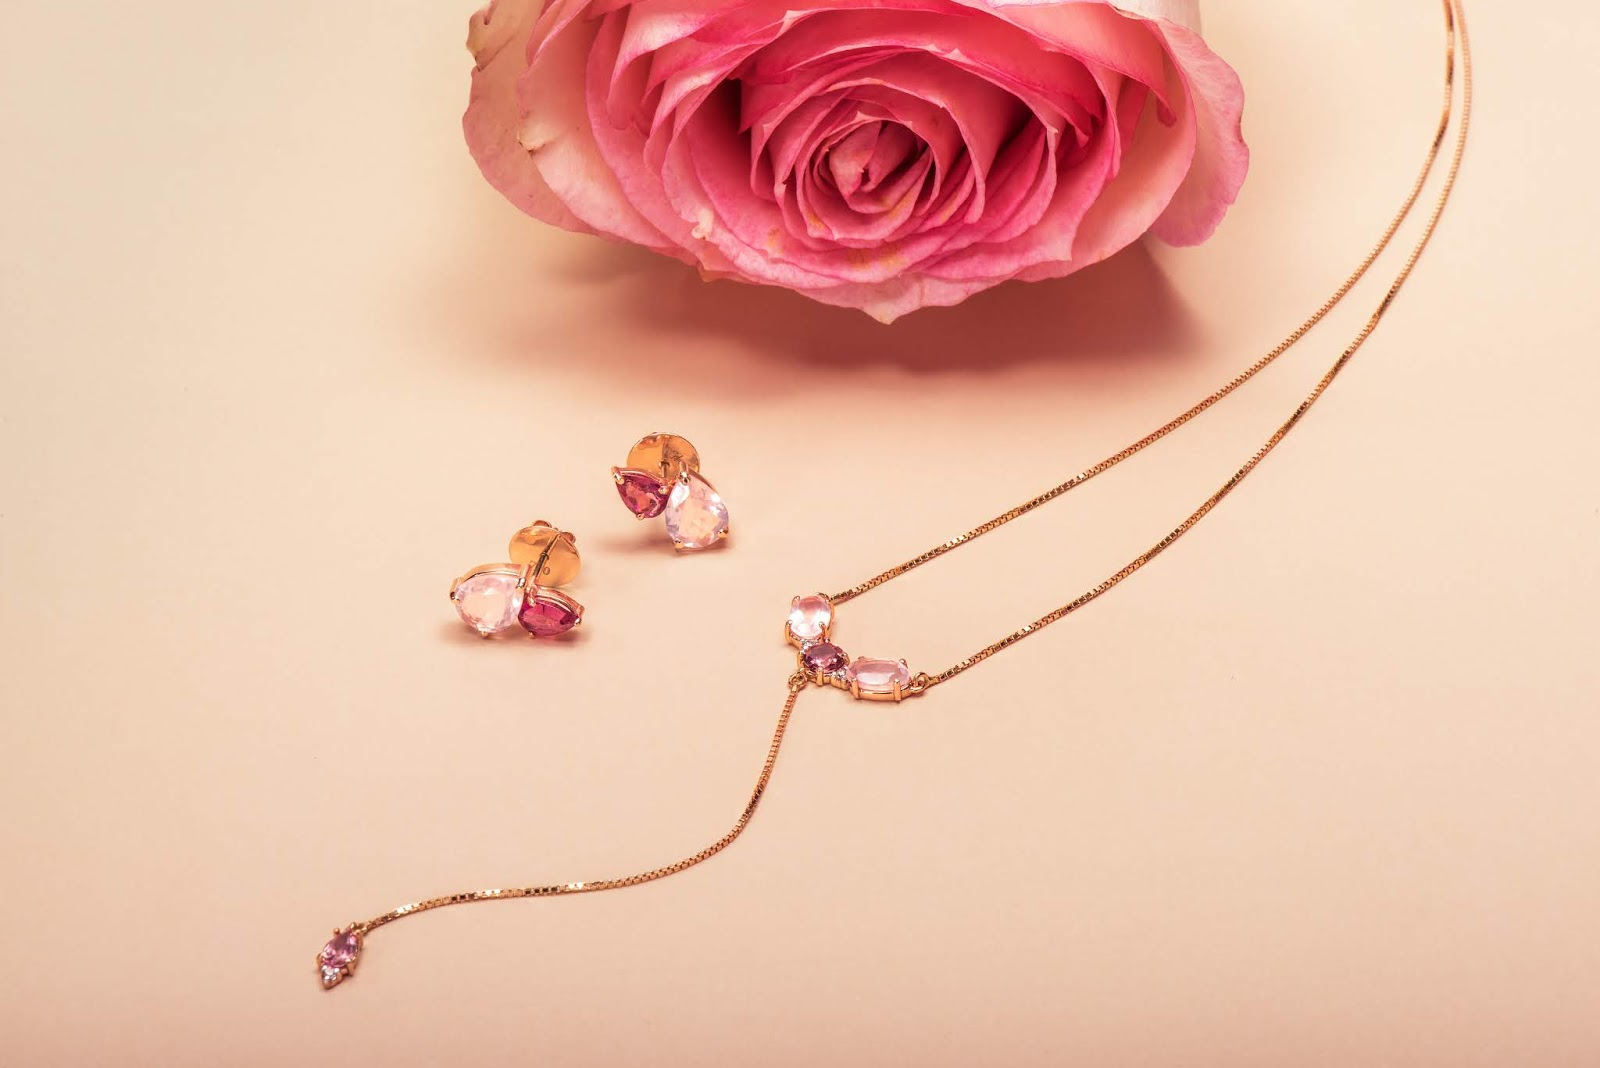 acessórios rose gold da joias gold coleção spring rose